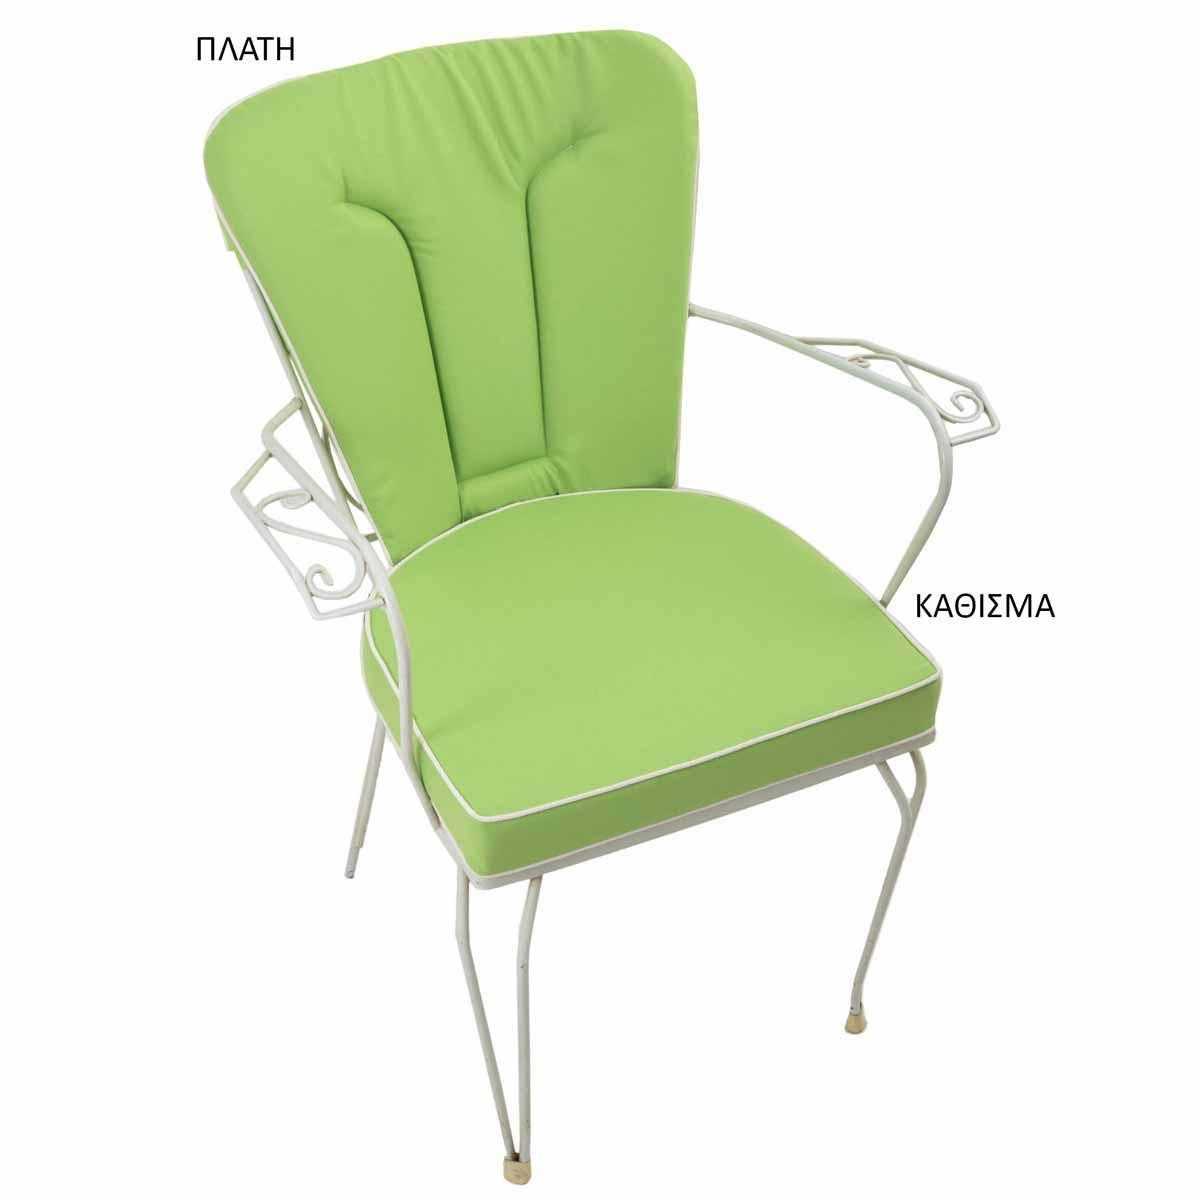 Μαξιλάρι Καθίσματος Φερ Φορζέ Be Comfy Green 801